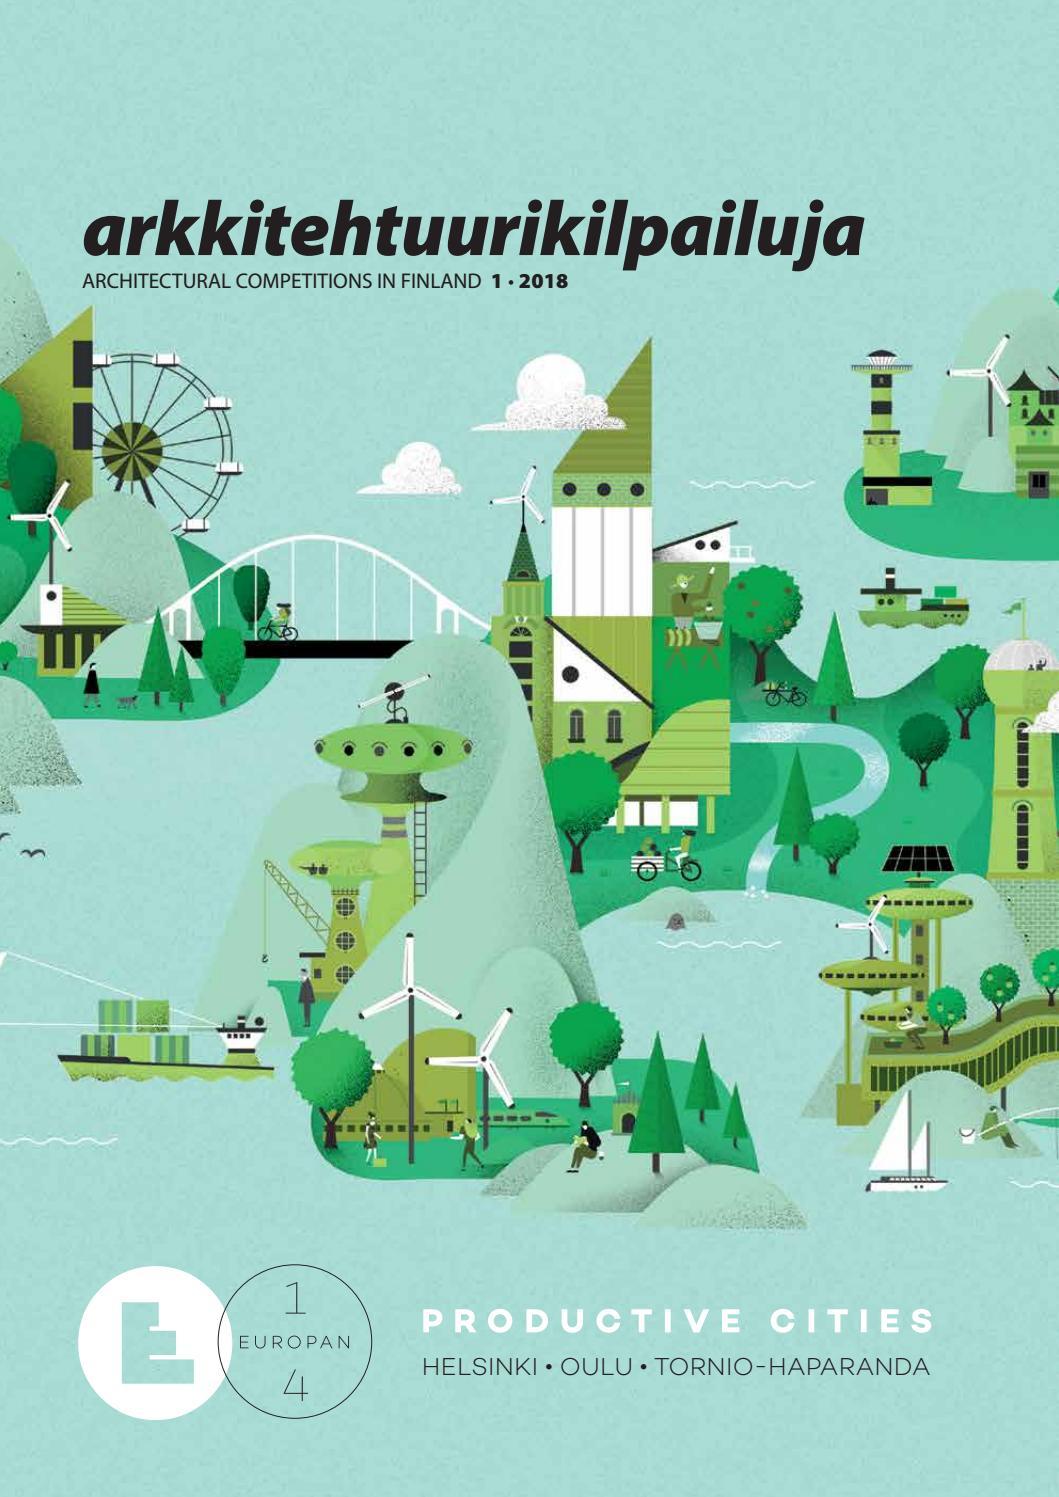 k-market pyykösjärvi